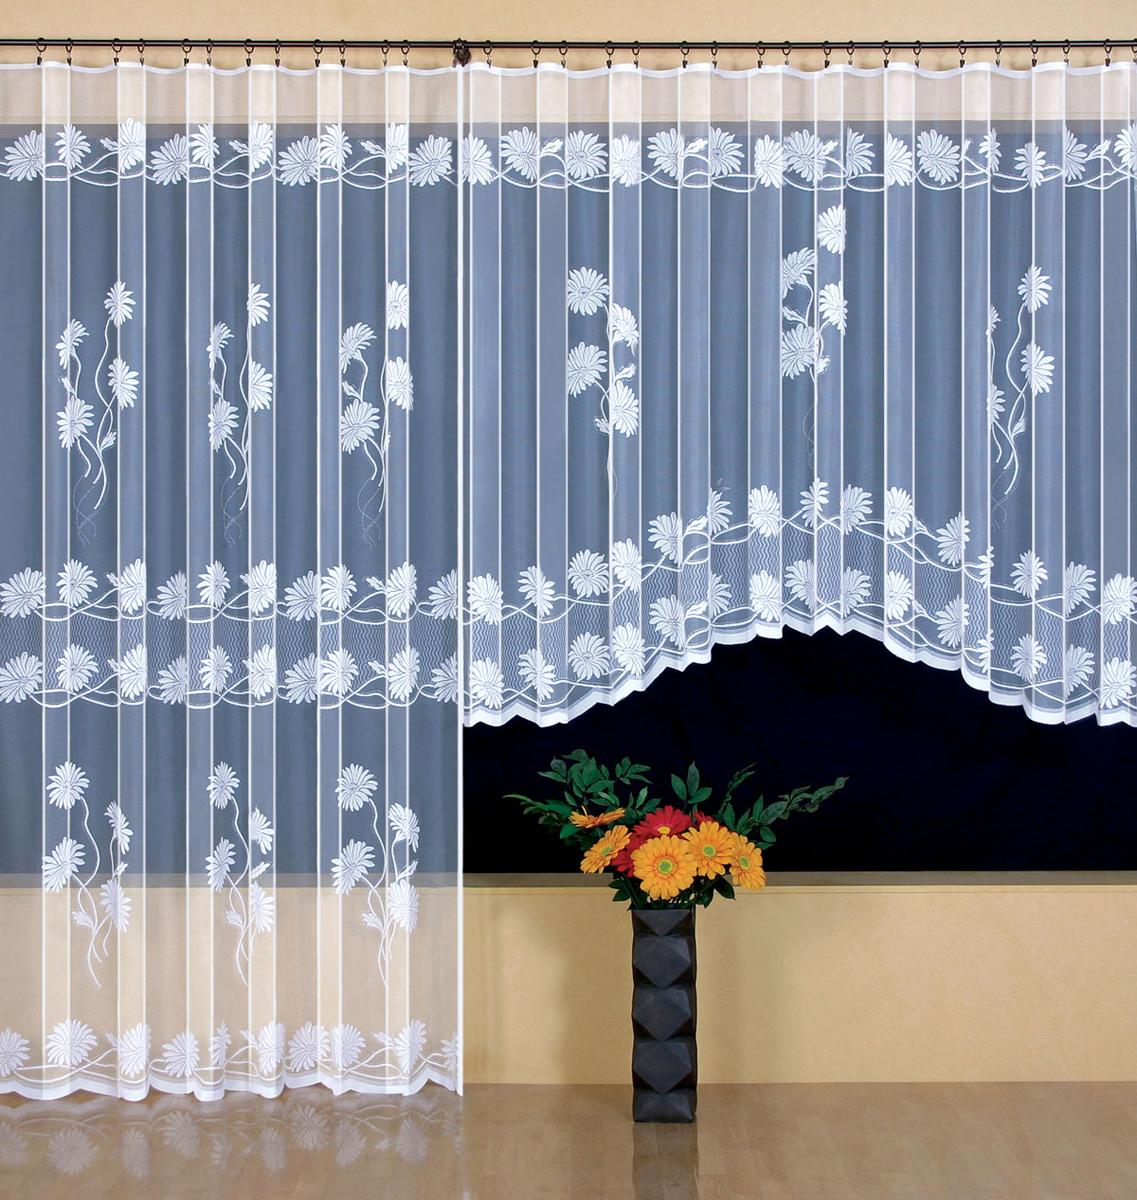 Гардина Wisan, на ленте, цвет: белый, высота 250 см. 9410DW90Жаккардовая гардина Wisan, выполненная из легкого полупрозрачного полиэстера, станет великолепным украшением окна в спальне или гостиной. Отлично подходит по размеру под балконный блок на прилегающее окно. Изделие дополнено красивым цветочным узором по всей поверхности полотна. Качественный материал, тонкое плетение и оригинальный дизайн привлекут к себе внимание и позволят гардине органично вписаться в интерьер помещения. Гардина оснащена шторной лентой под зажимы для крепления на карниз. Уважаемые клиенты!Обращаем ваше внимание, что в комплект входит одна гардина. Фото с двумя гардинами, данное в интерьере, служит для визуального восприятия товара.